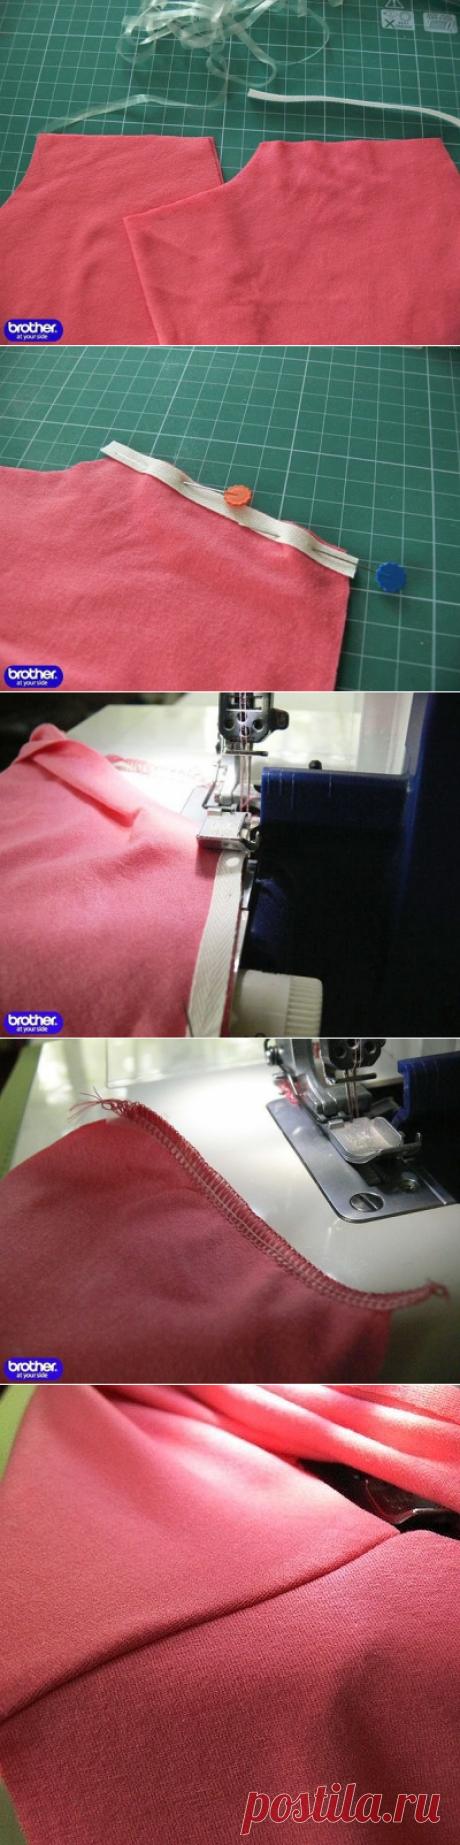 Укрепляем швы на трикотаже силиконовой лентой (Шитье и крой) | Журнал Вдохновение Рукодельницы